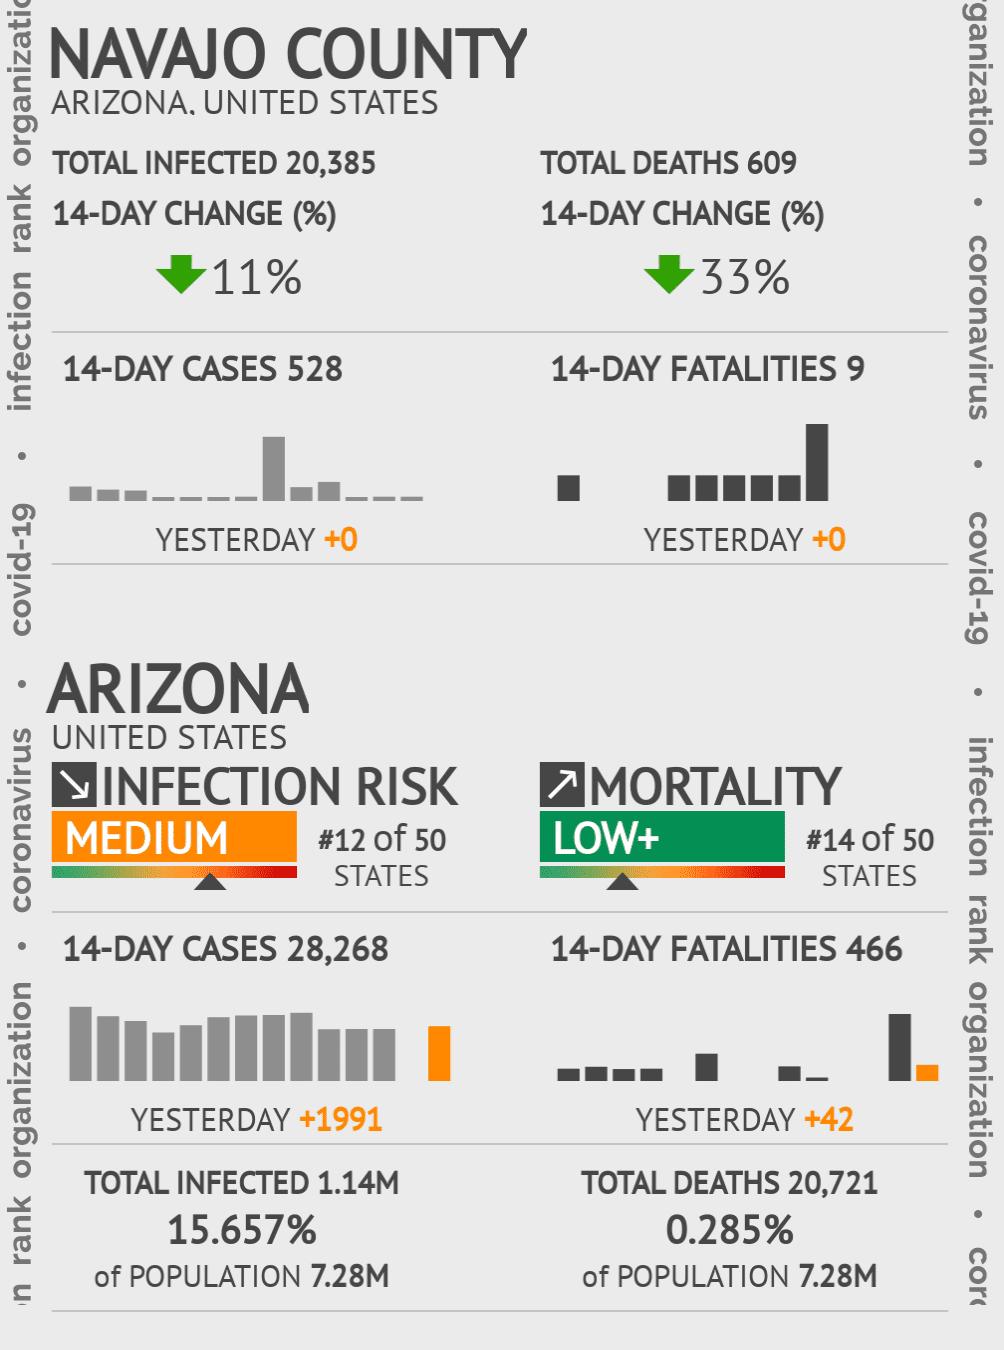 Navajo County Coronavirus Covid-19 Risk of Infection on January 15, 2021